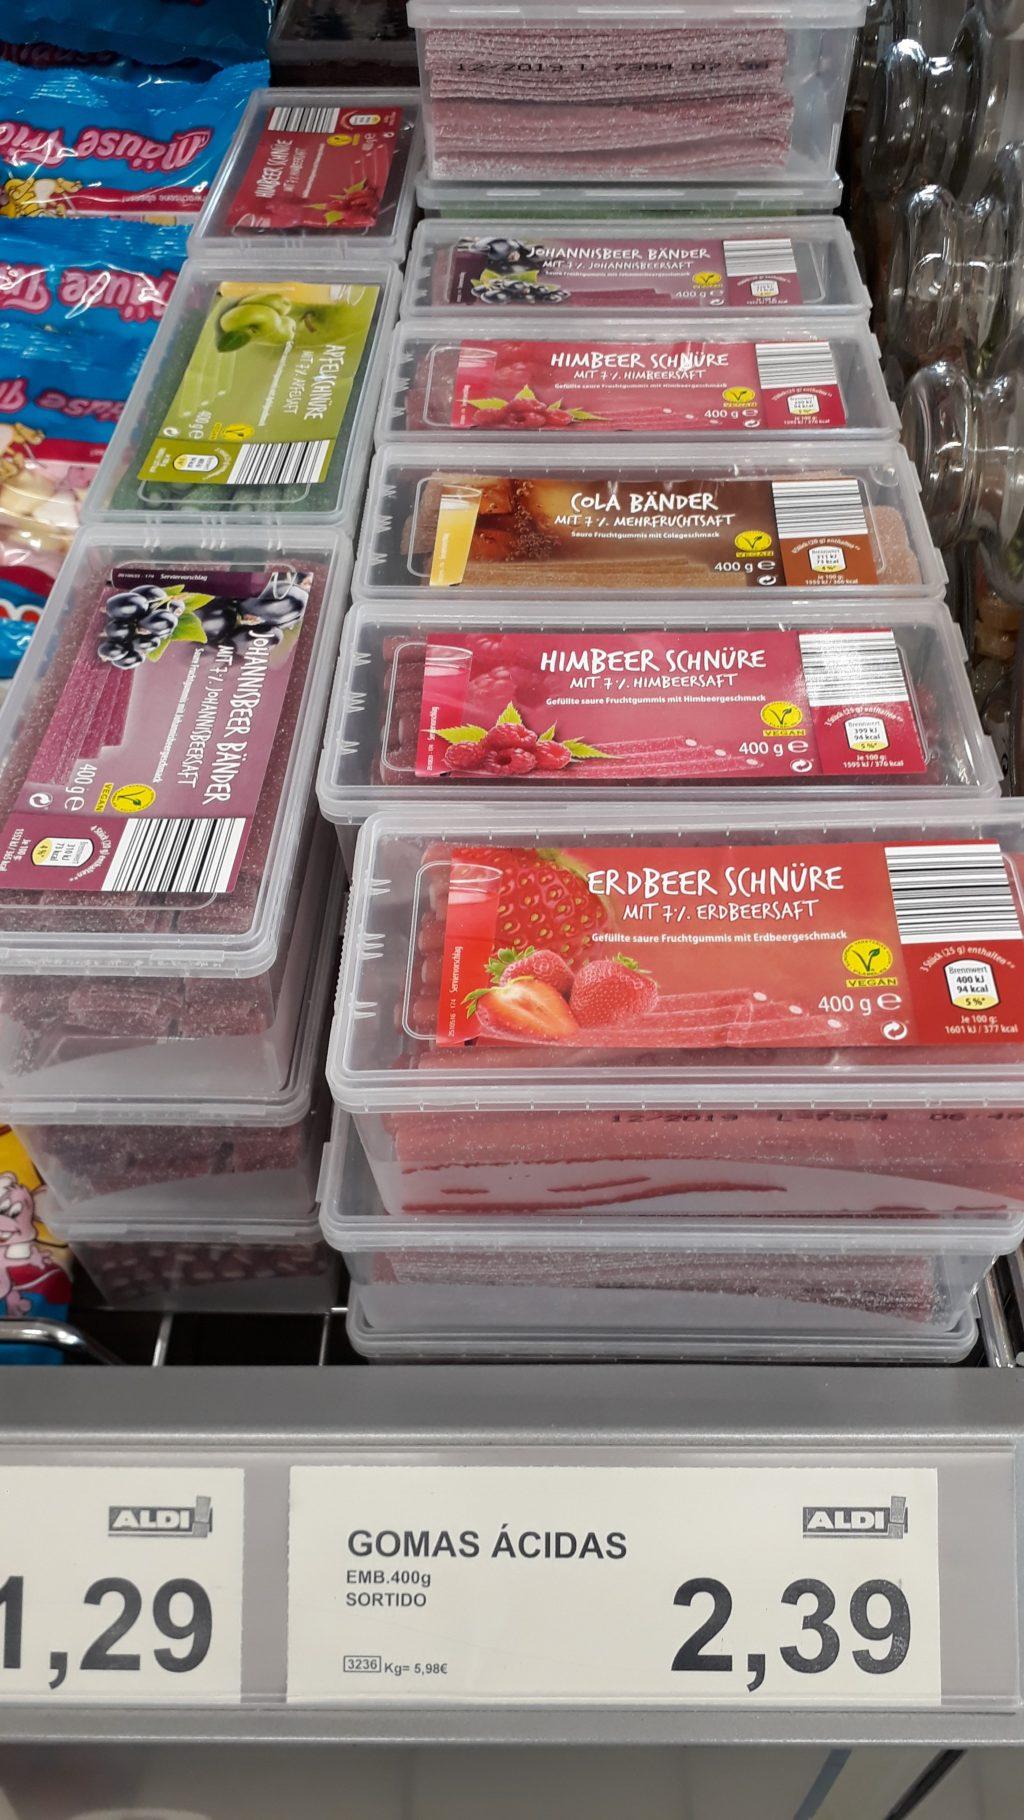 Saure Schnüre in den Sorten Erdbeer, Himbeer und Apfel und saure Bänder in den Sorten Johannisbeer und Cola